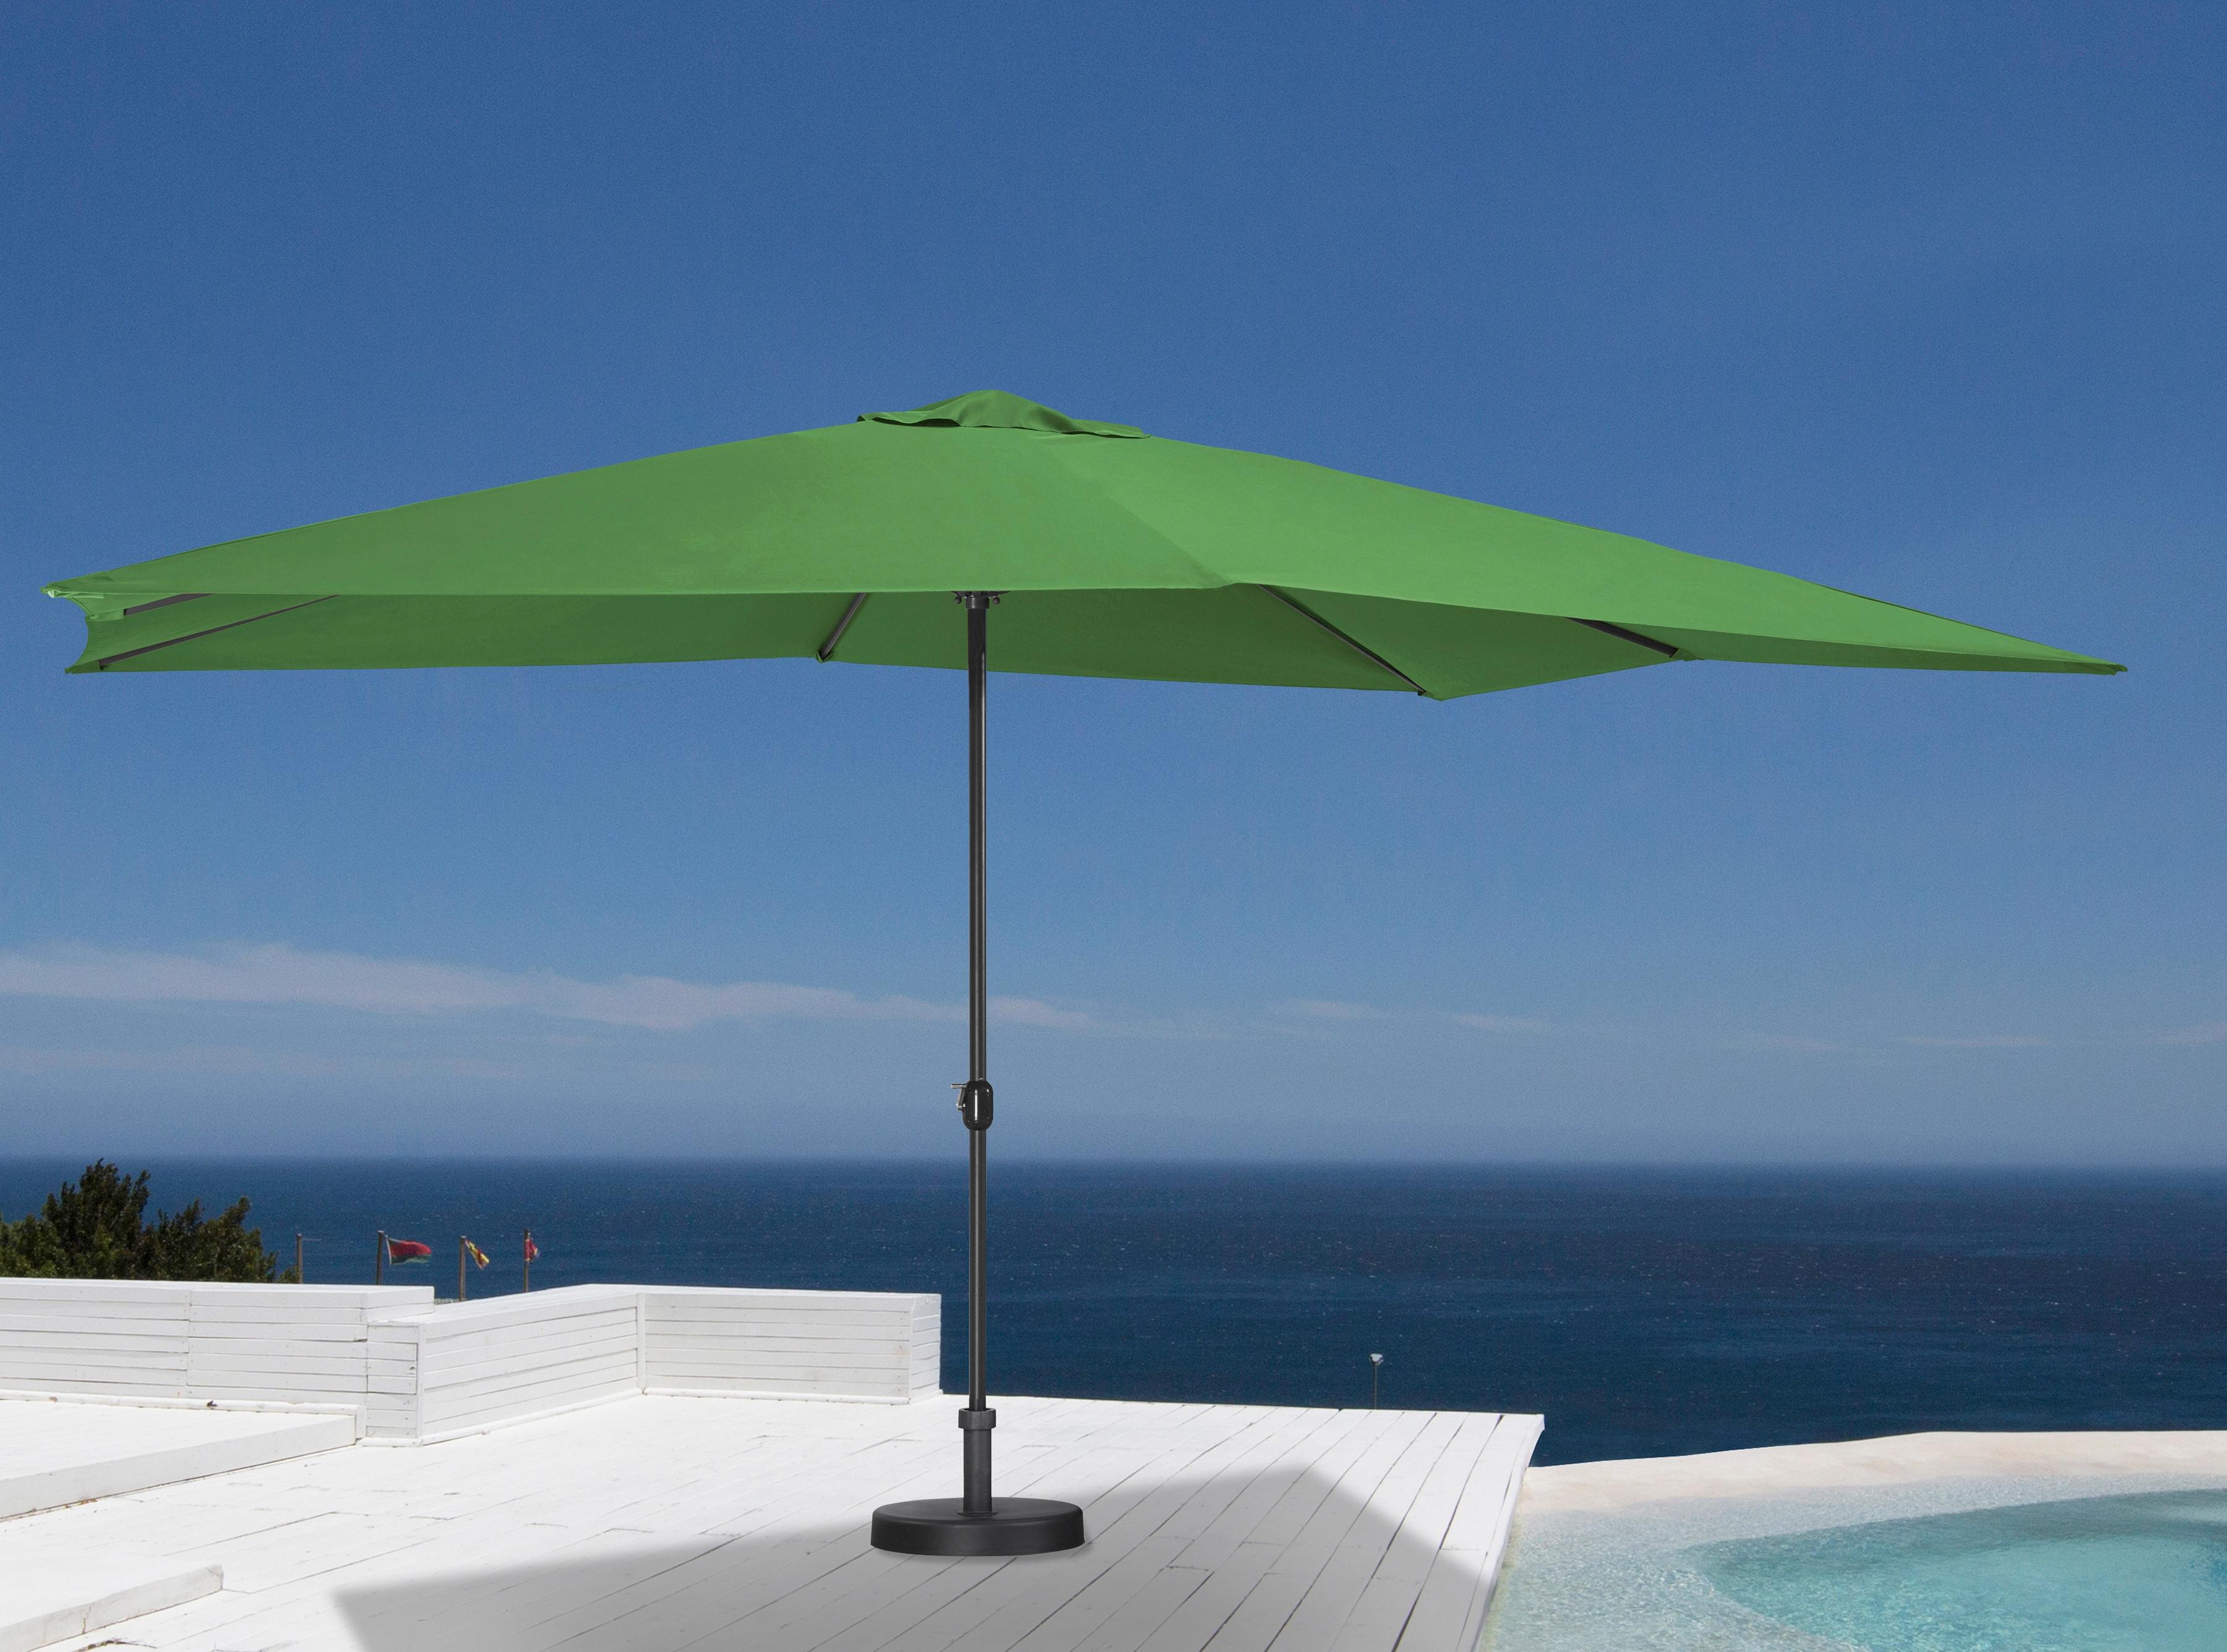 garten gut Sonnenschirm, ohne Schirmständer grün Sonnenschirme -segel Gartenmöbel Gartendeko Sonnenschirm